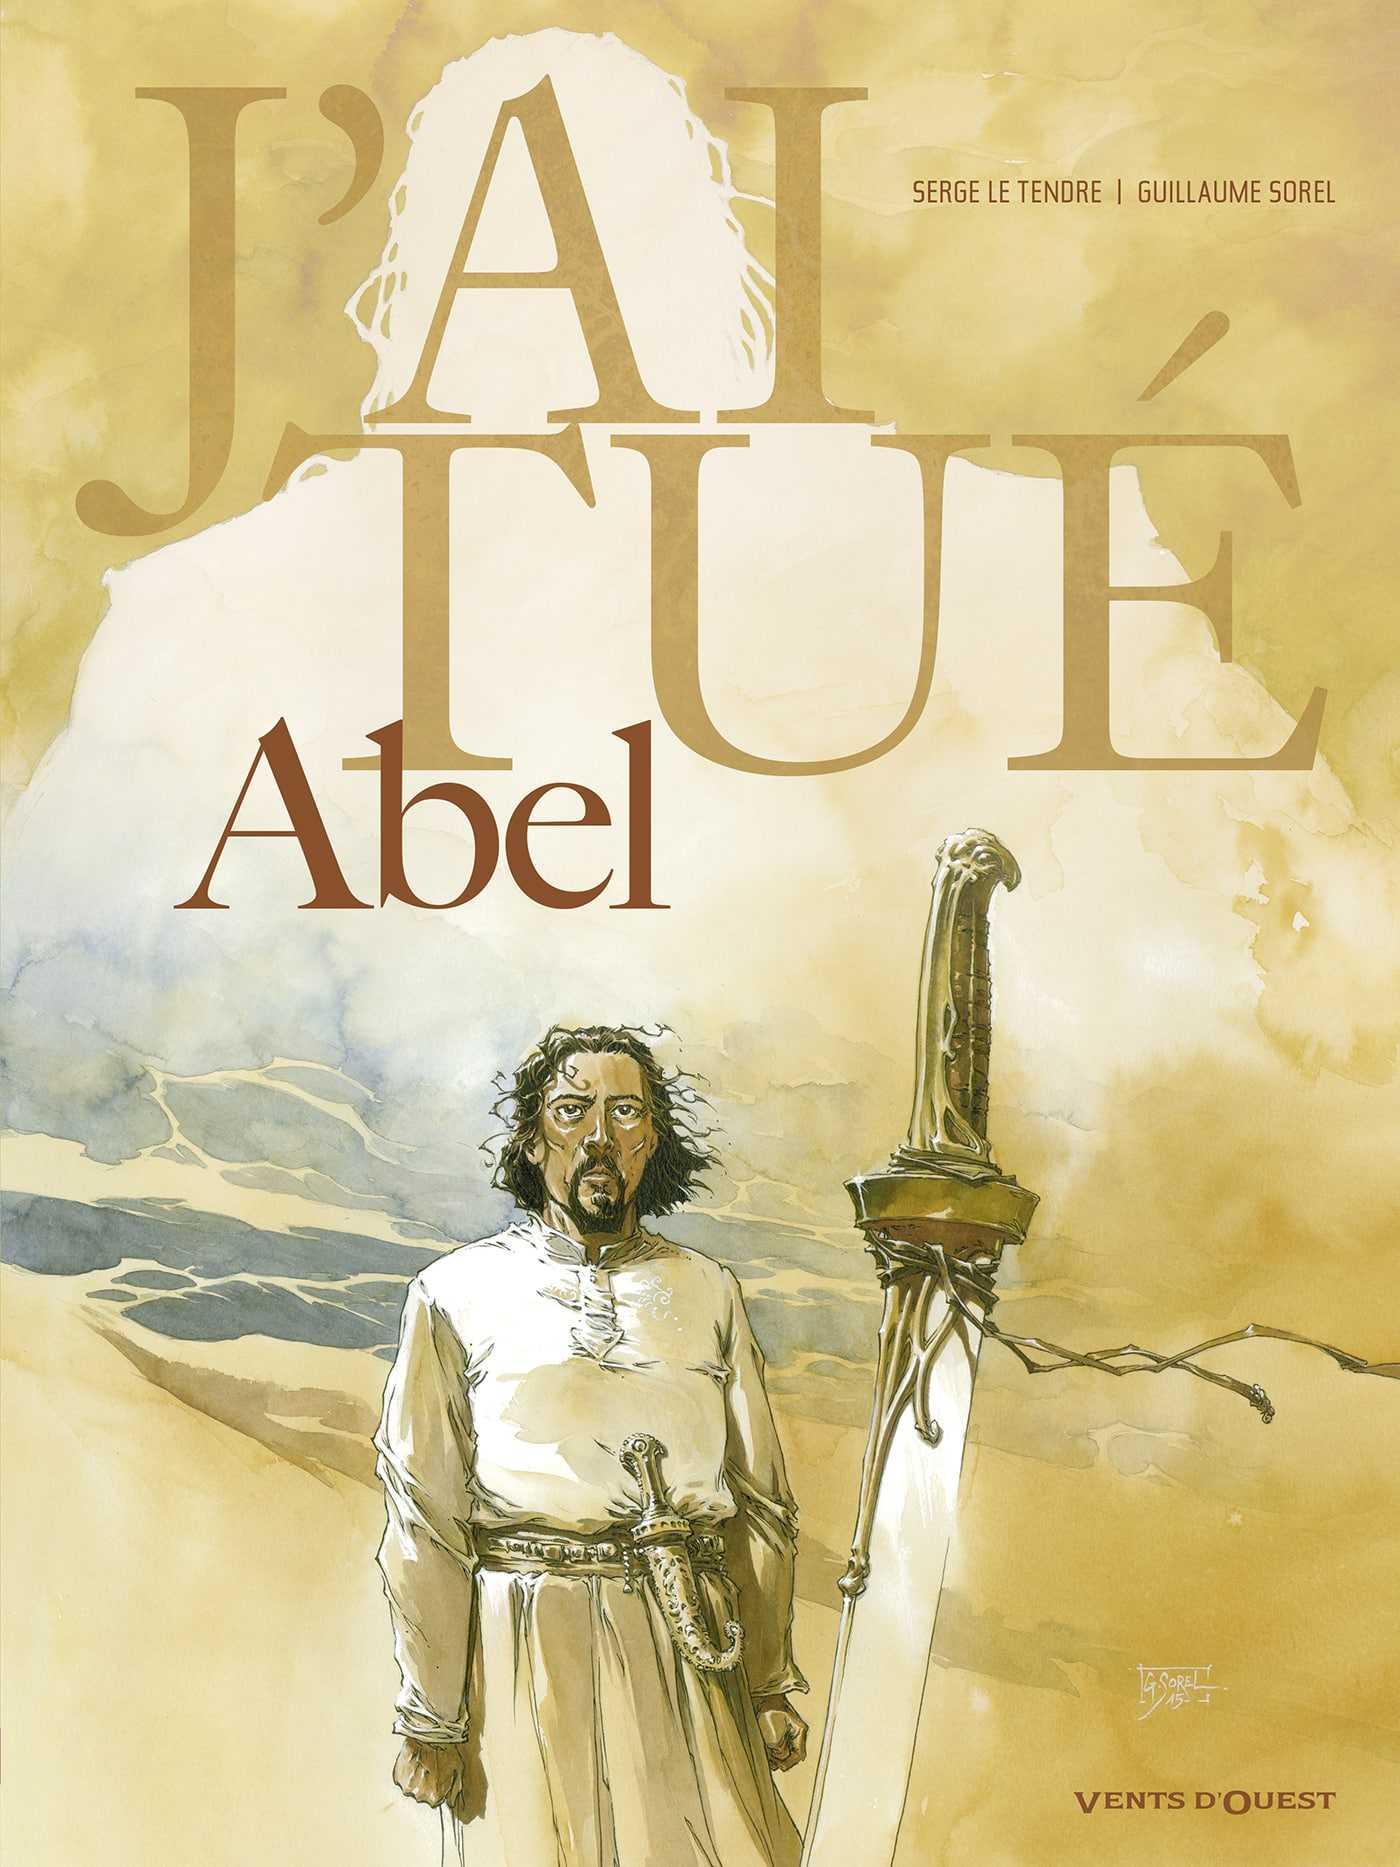 J'ai tué Abel, l'œil n'était pas dans la tombe